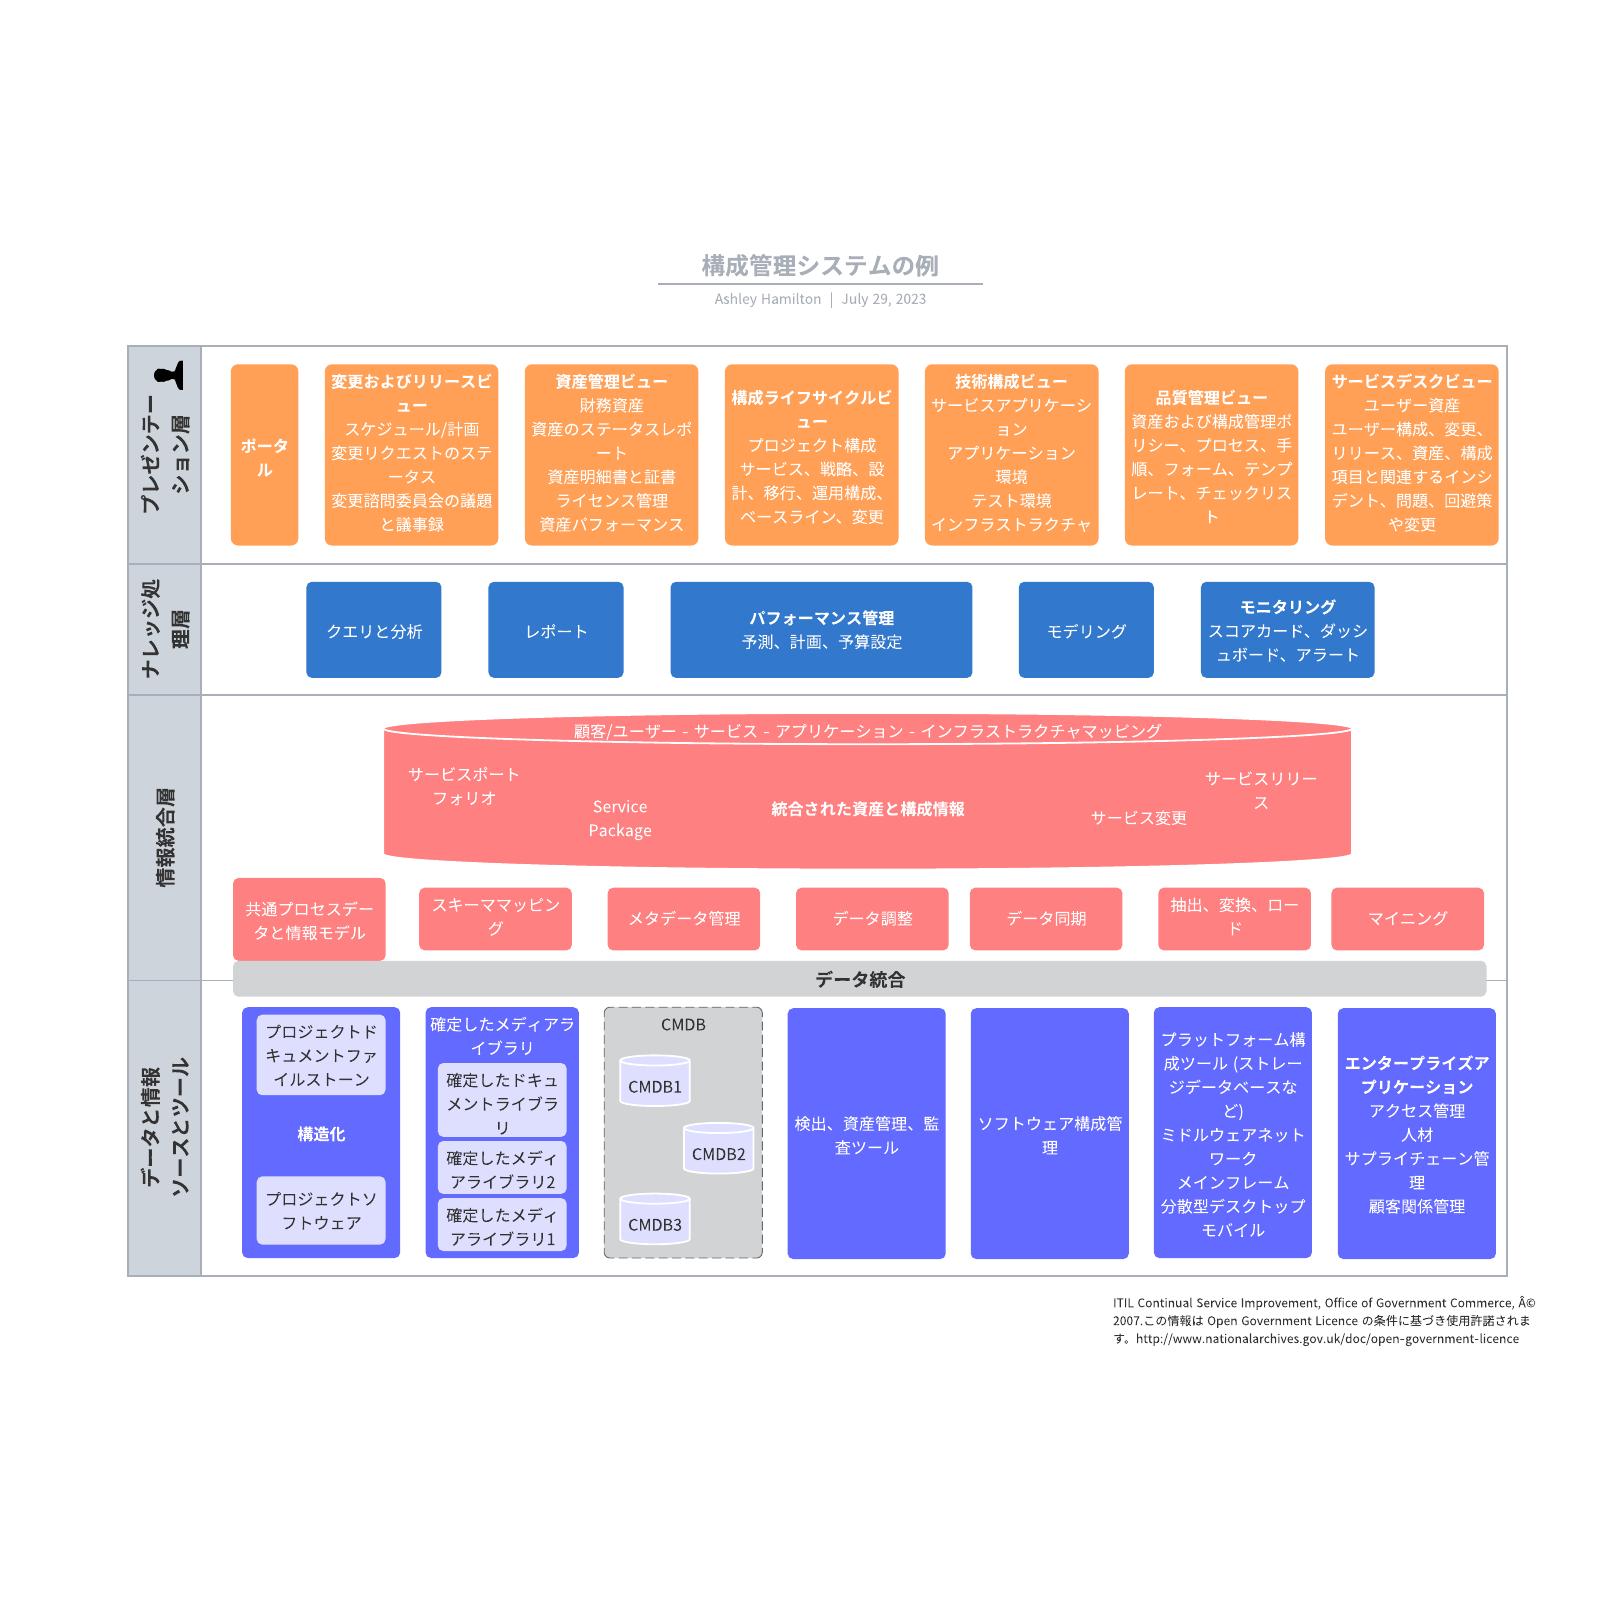 構成管理システム(Configuration Management System)のテンプレート